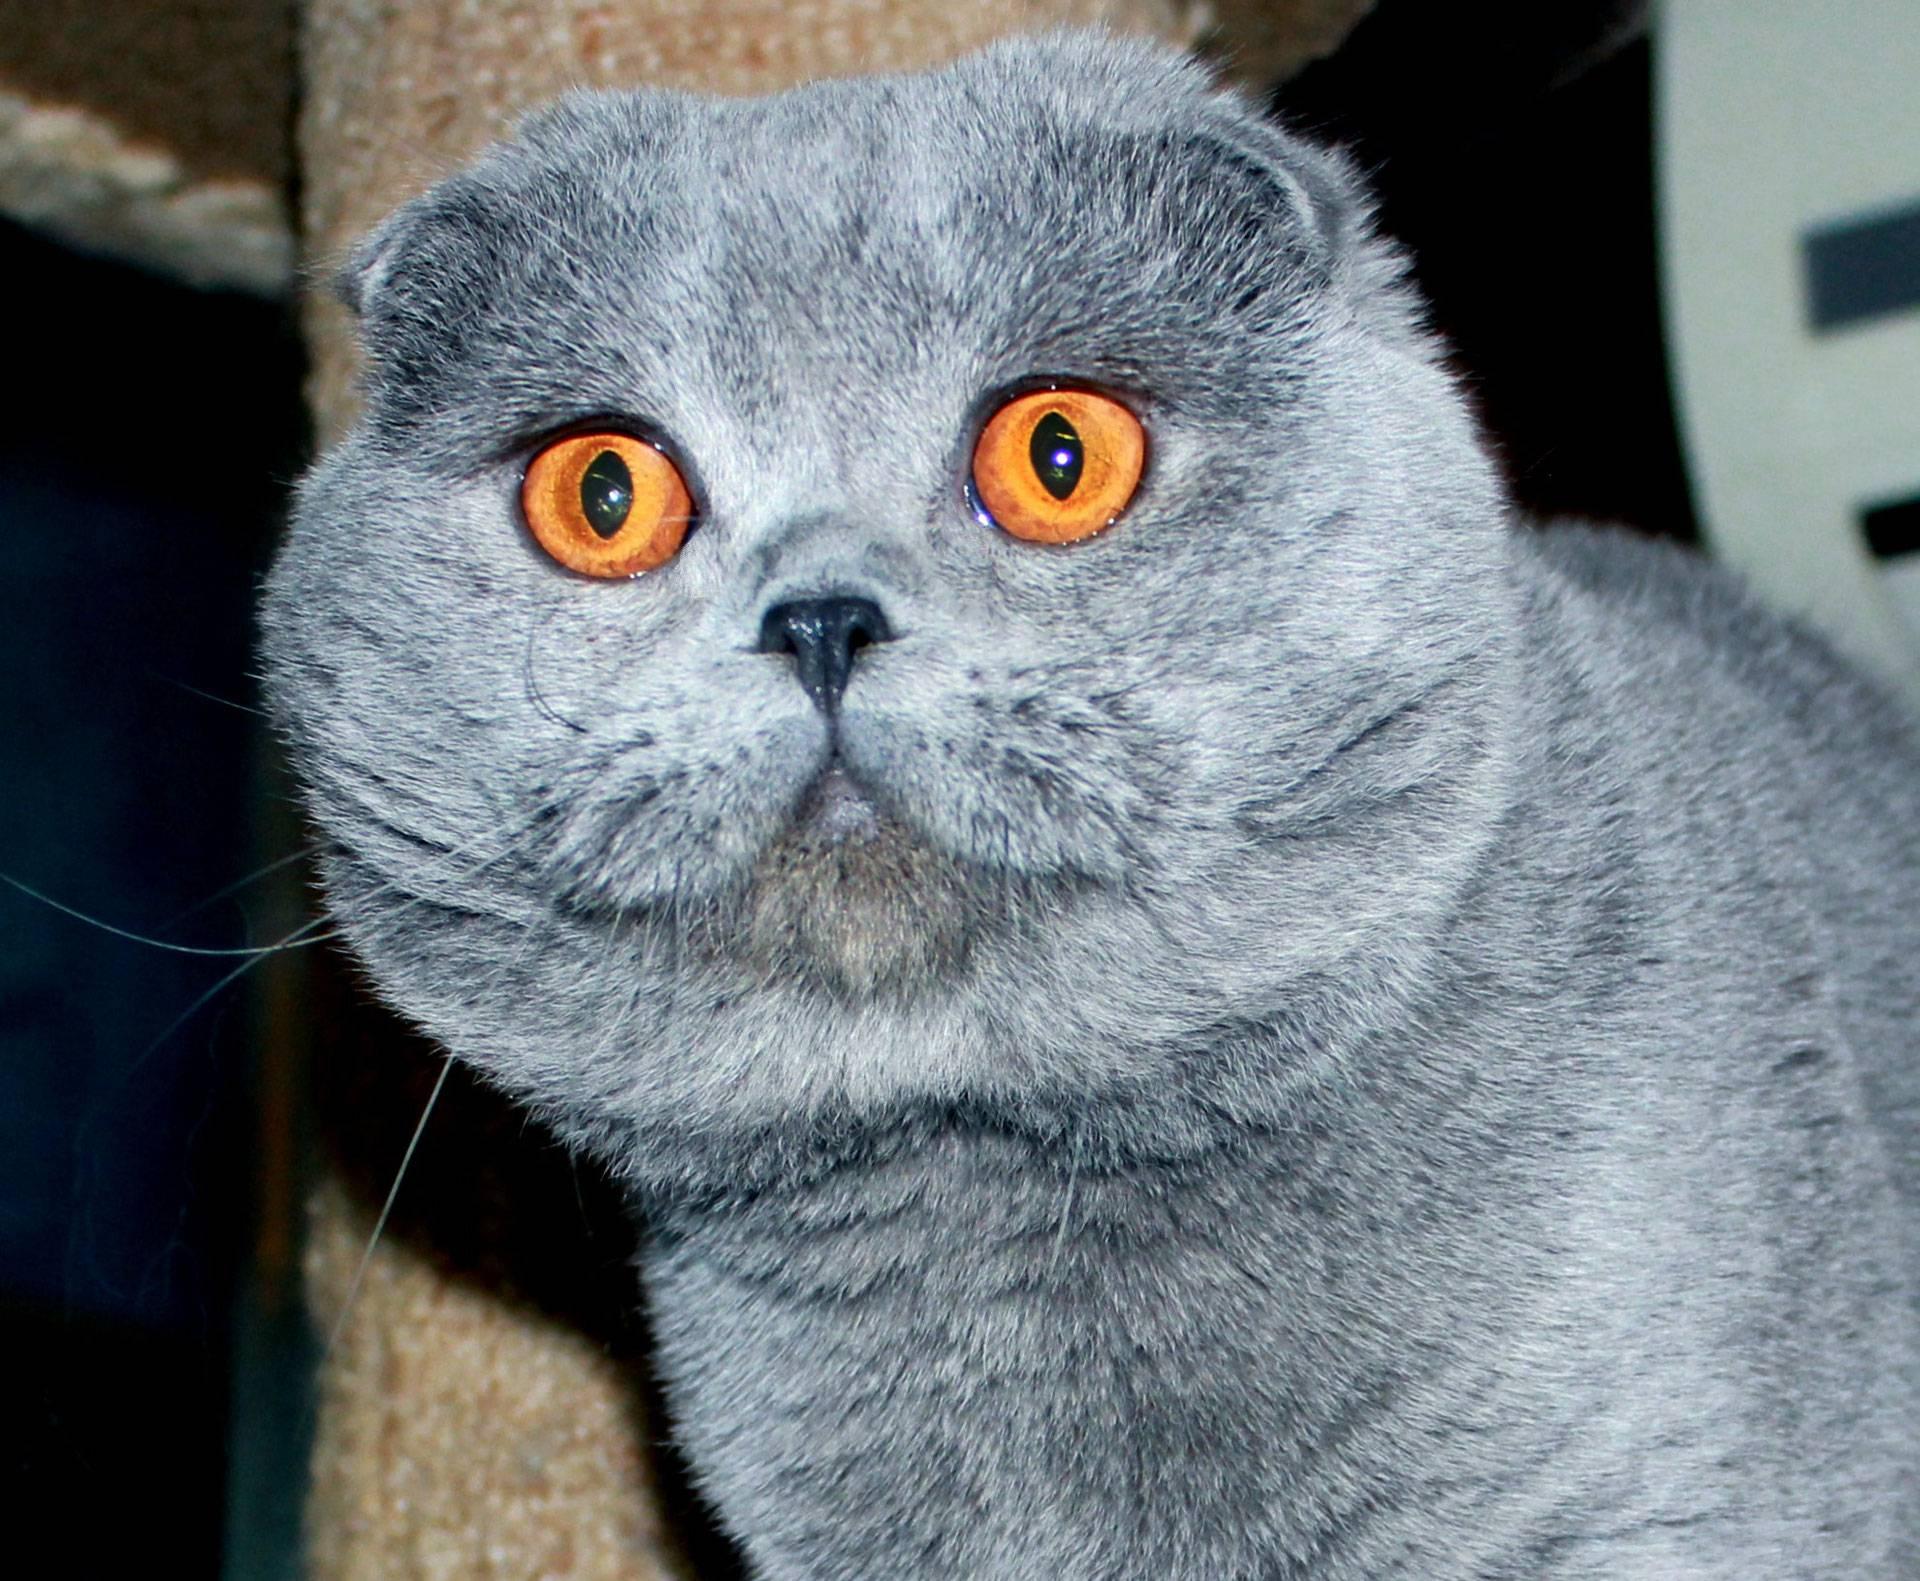 Британская и шотландская кошка: найди десять отличий | рутвет - найдёт ответ!